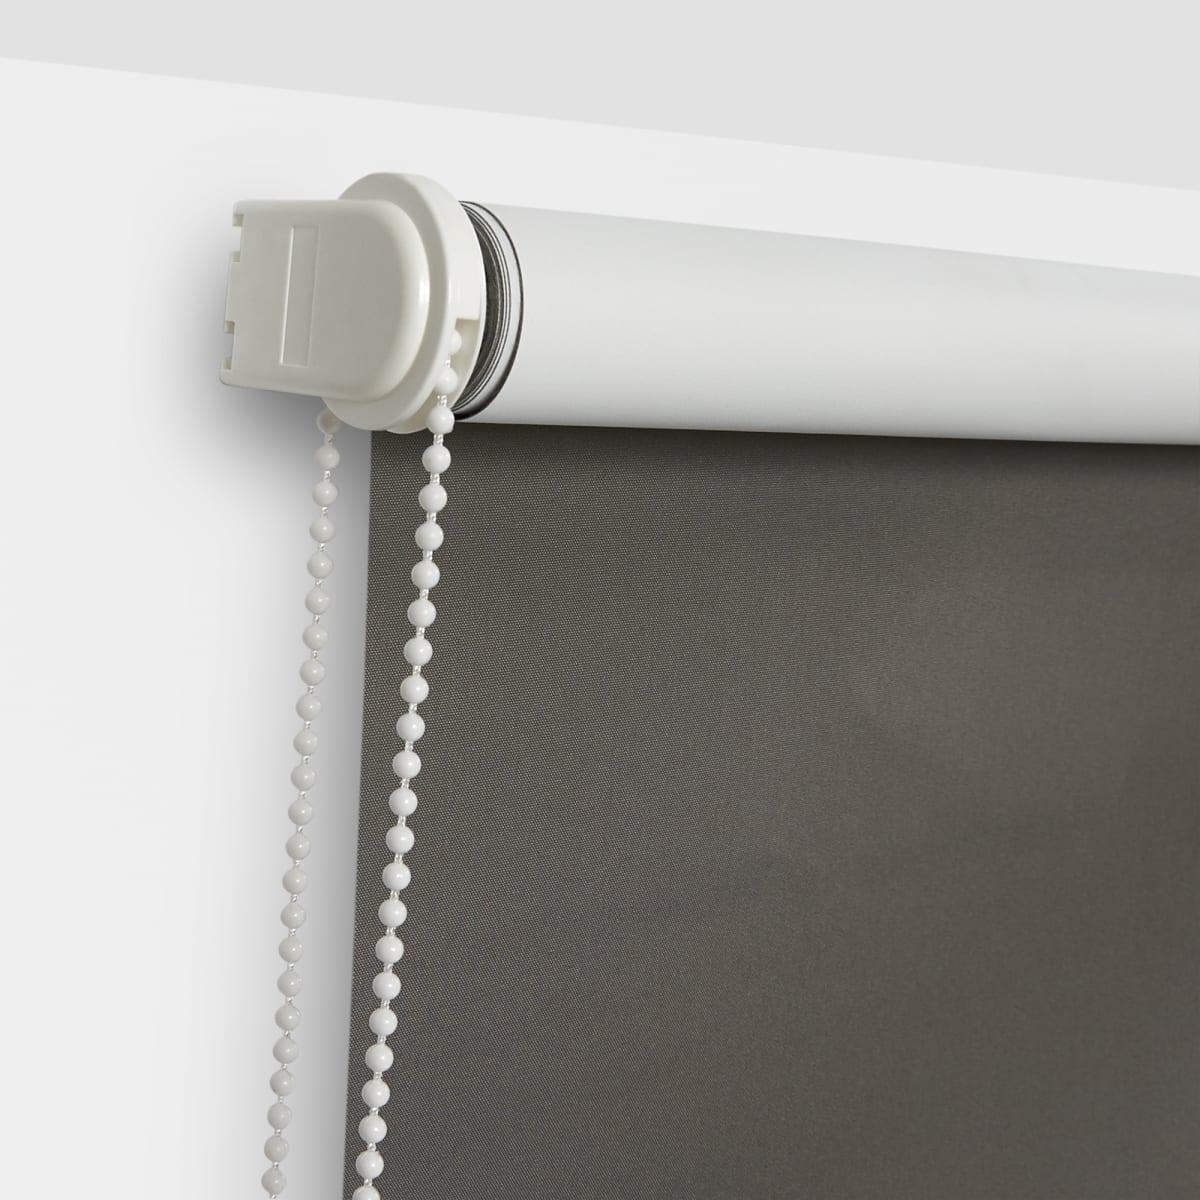 Штора рулонная Blackout Inspire, 120х175 см, цвет серый